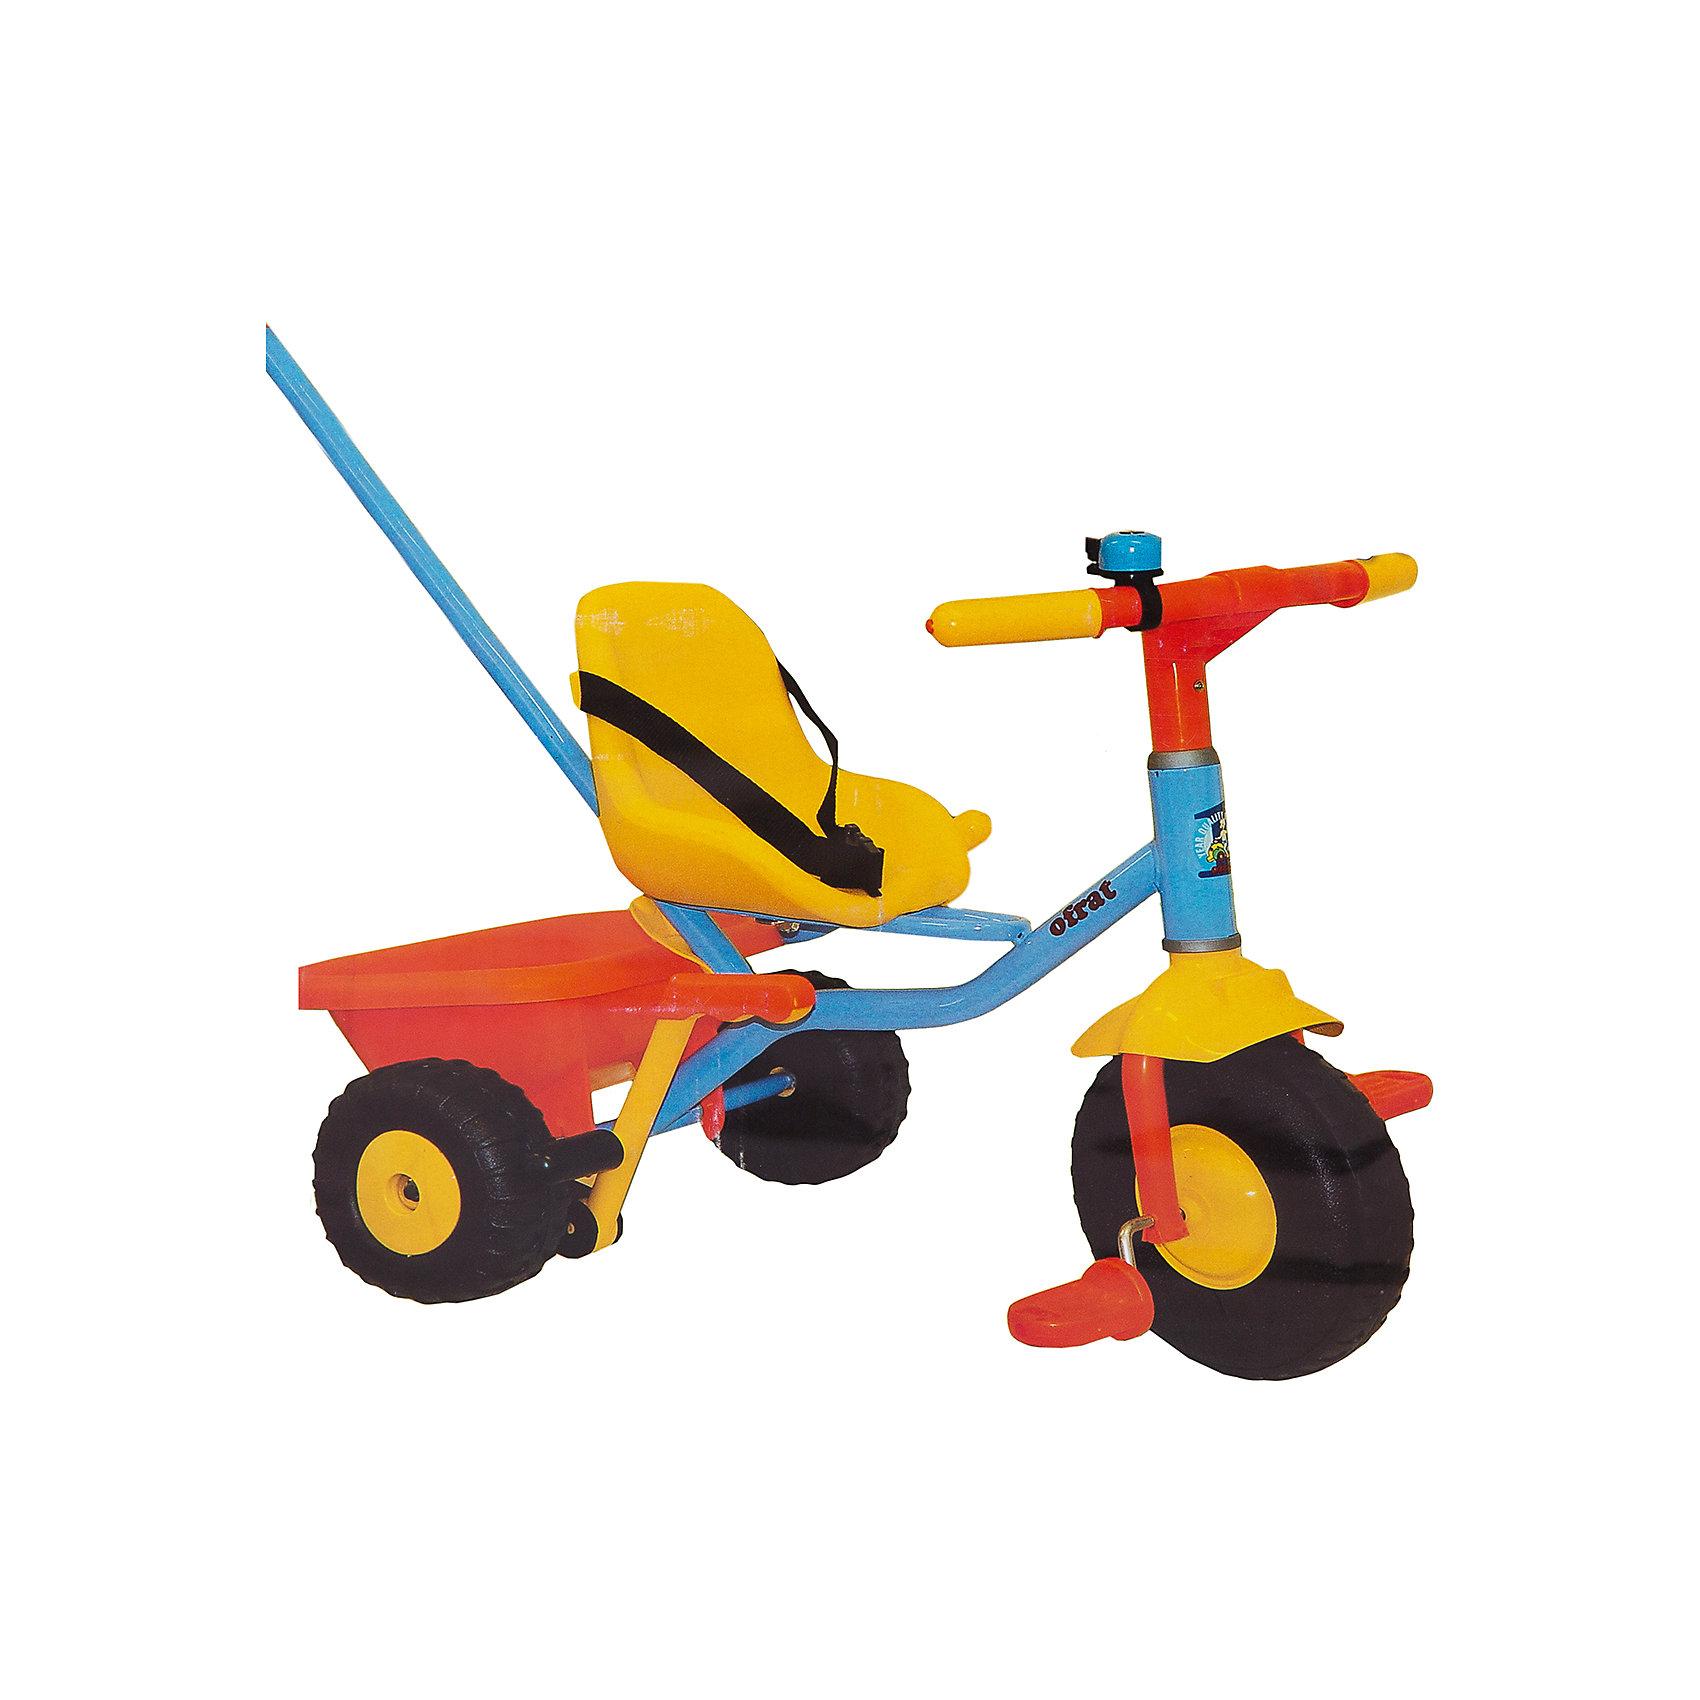 Велосипед трехколесный Junior Rider, OfratВелосипеды детские<br>Детский 3-х колесный велосипед Junior Rider современного дизайна с широкой, устойчивой и крепкой конструкцией - прекрасный вариант для прогулок. Прочная стальная рама и детали из высококачественного пластика гарантируют устойчивость и долговечность. Велосипед имеет удобное эргономичное сиденье с ремнями безопасности и плавной регулировкой положения – ближе-дальше к рулю; рифленые пластиковые педали; устойчивые колеса; тормоз на заднем колесе и звоночек на руле. Для родителей предусмотрена регулируемая по высоте удобная металлическая ручка-толкатель с пластиковой накладкой. Модель оснащена вместительной багажной корзиной, которая откидывается как кузов самосвала. Катание на самокате стимулирует ребенка к физической активности на свежем отдыхе, помогает развить различные группы мышц и укрепить иммунитет. <br><br>Дополнительная информация:<br><br>- Материал: сталь, пластик, резина.<br>- Вес: 3,5 кг. <br>- Размер: 51х24,5х28,2 см. <br>- Высота с толкателем: 89-95 см.<br>- Для детей от 15 мес.<br>- Удобное сиденье.<br>- Ремень безопасности.<br>- Ручка-толкатель для родителей регулируется по высоте (4 положения). <br>- Рифленые пластиковые педали.<br>- Откидывающаяся корзина для игрушек. <br>- Широкая резиновая накладка на переднем колесе. <br>- Ручной тормоз на заднее колесо.<br>- Звоночек на руле.<br><br>Велосипед трехколесный Teeny Trike, Ofrat, можно купить в нашем магазине.<br><br>Ширина мм: 280<br>Глубина мм: 250<br>Высота мм: 510<br>Вес г: 4200<br>Возраст от месяцев: 15<br>Возраст до месяцев: 36<br>Пол: Унисекс<br>Возраст: Детский<br>SKU: 4633671